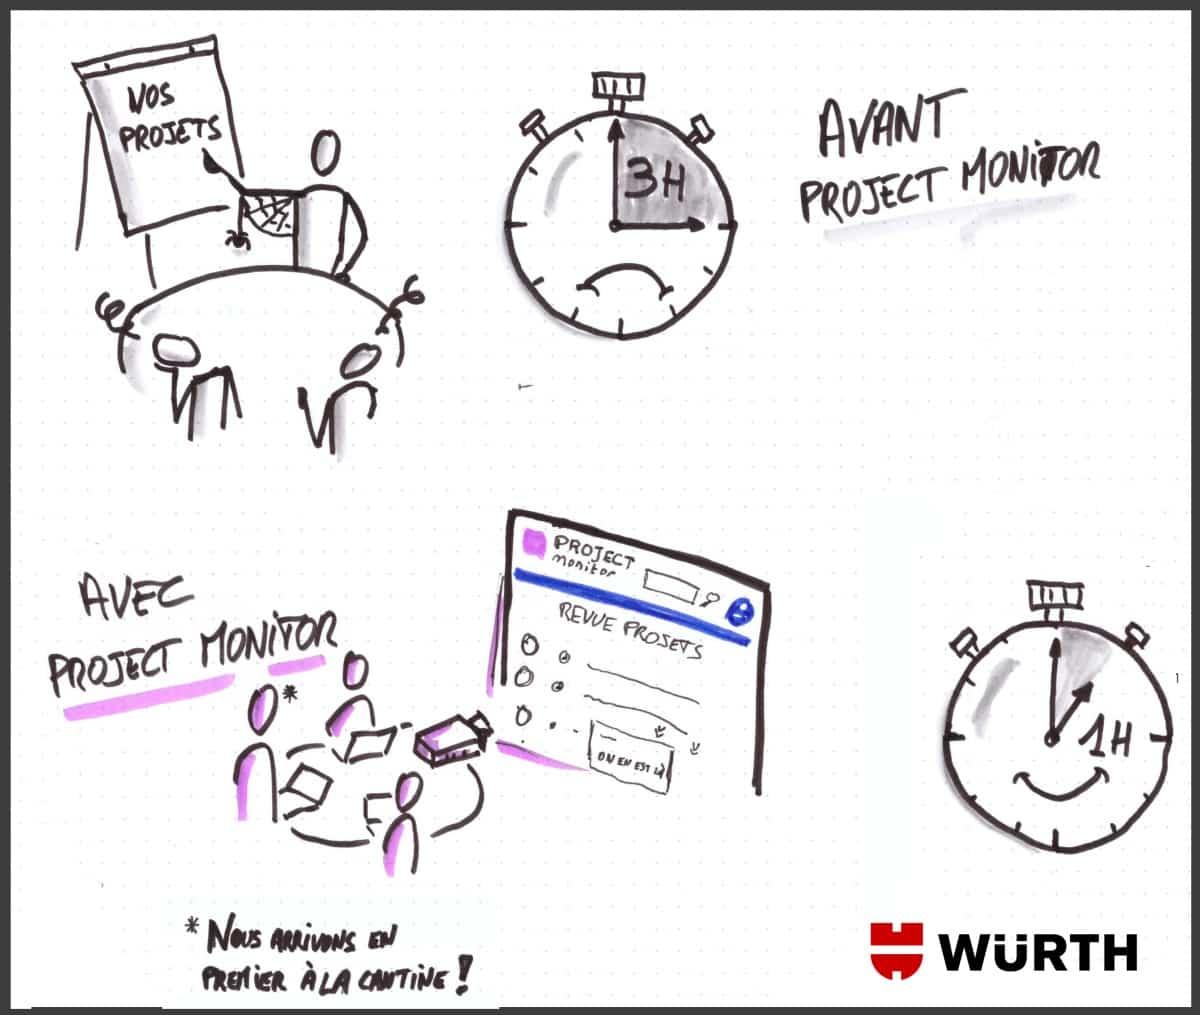 revue de projet project monitor video projecteur